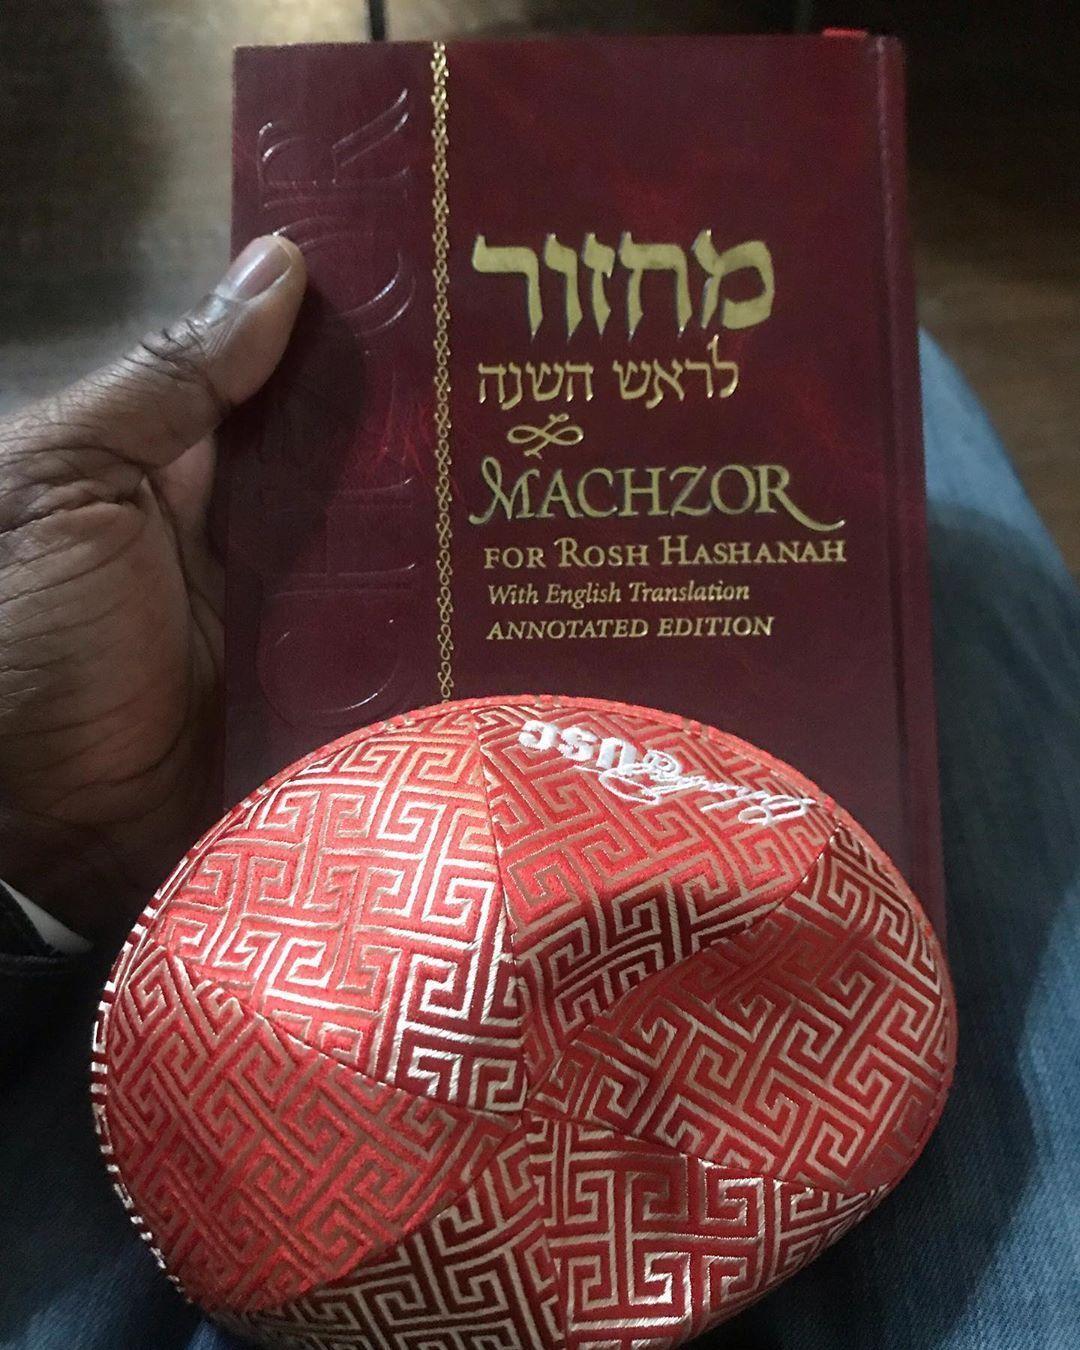 Happy Rosh Hashanah שנה טובה ✡️ Happy Rosh Hashanah שנה טובה ✡️ #happyroshhashanah Happy Rosh Hashanah שנה טובה ✡️ Happy Rosh Hashanah שנה טובה ✡️ #roshhashanah